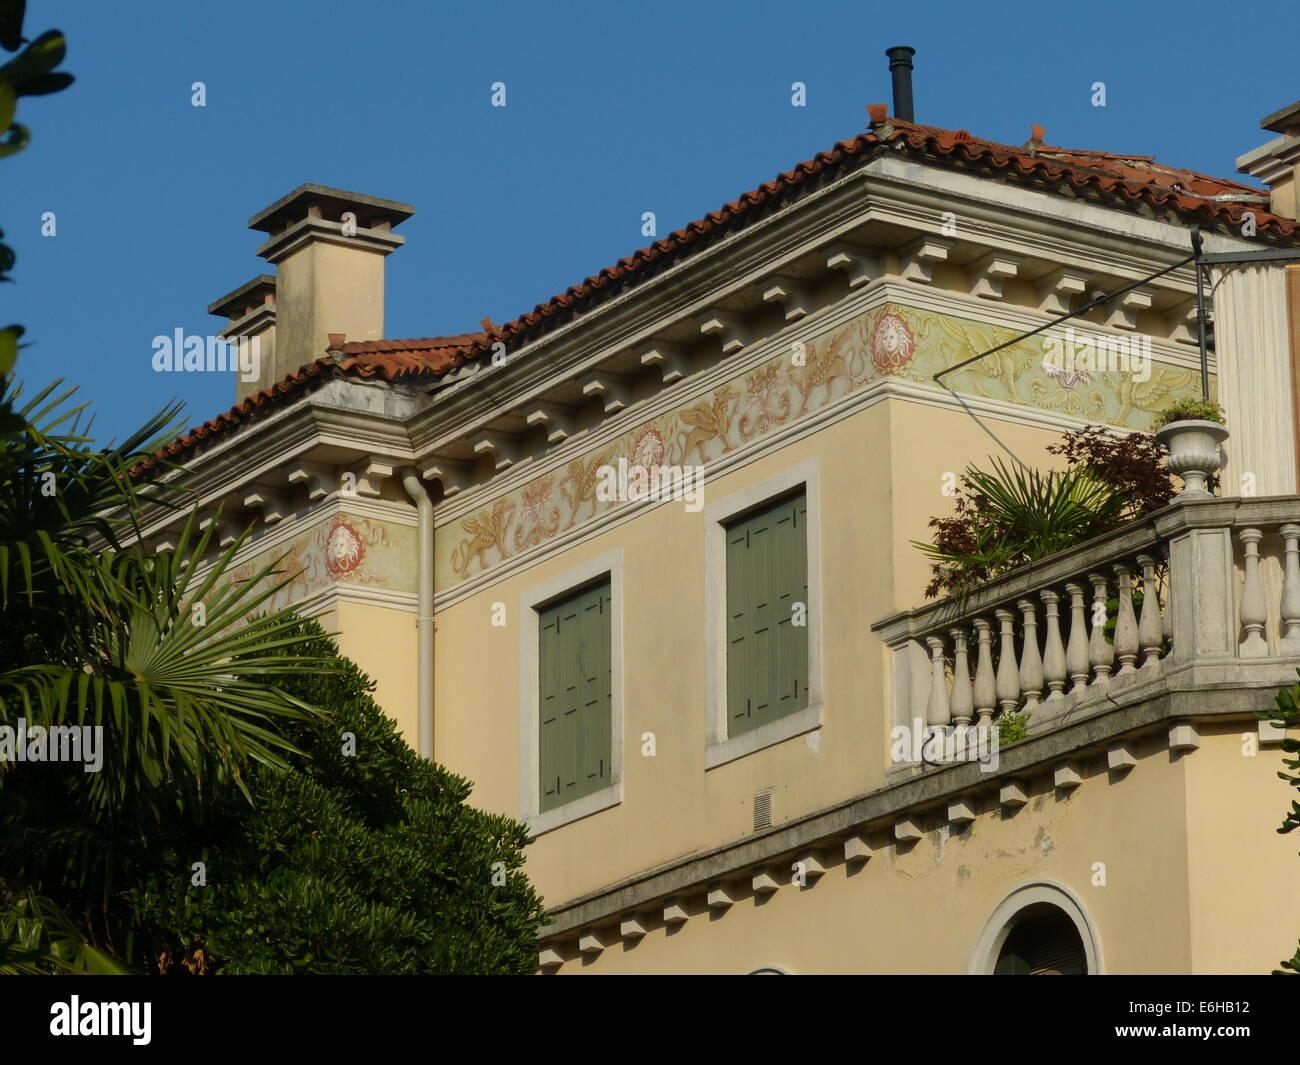 Dettagli ornati in una villa in stile Liberty del Lido - Laguna di Venezia Immagini Stock